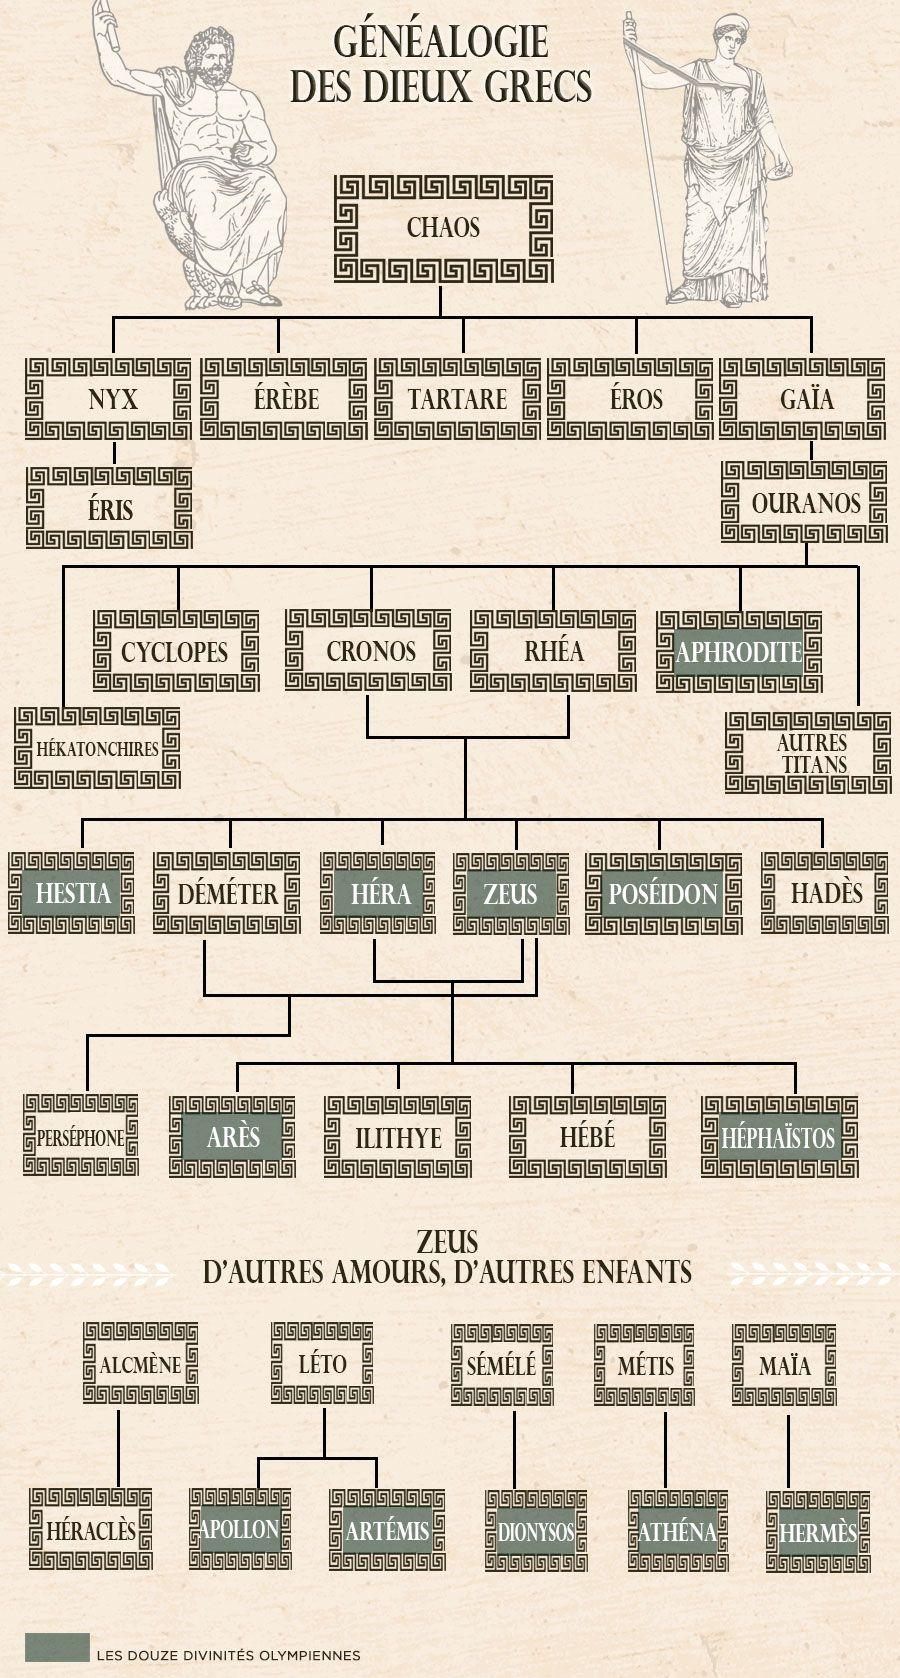 Généalogie des dieux grecs … | Pinteres…